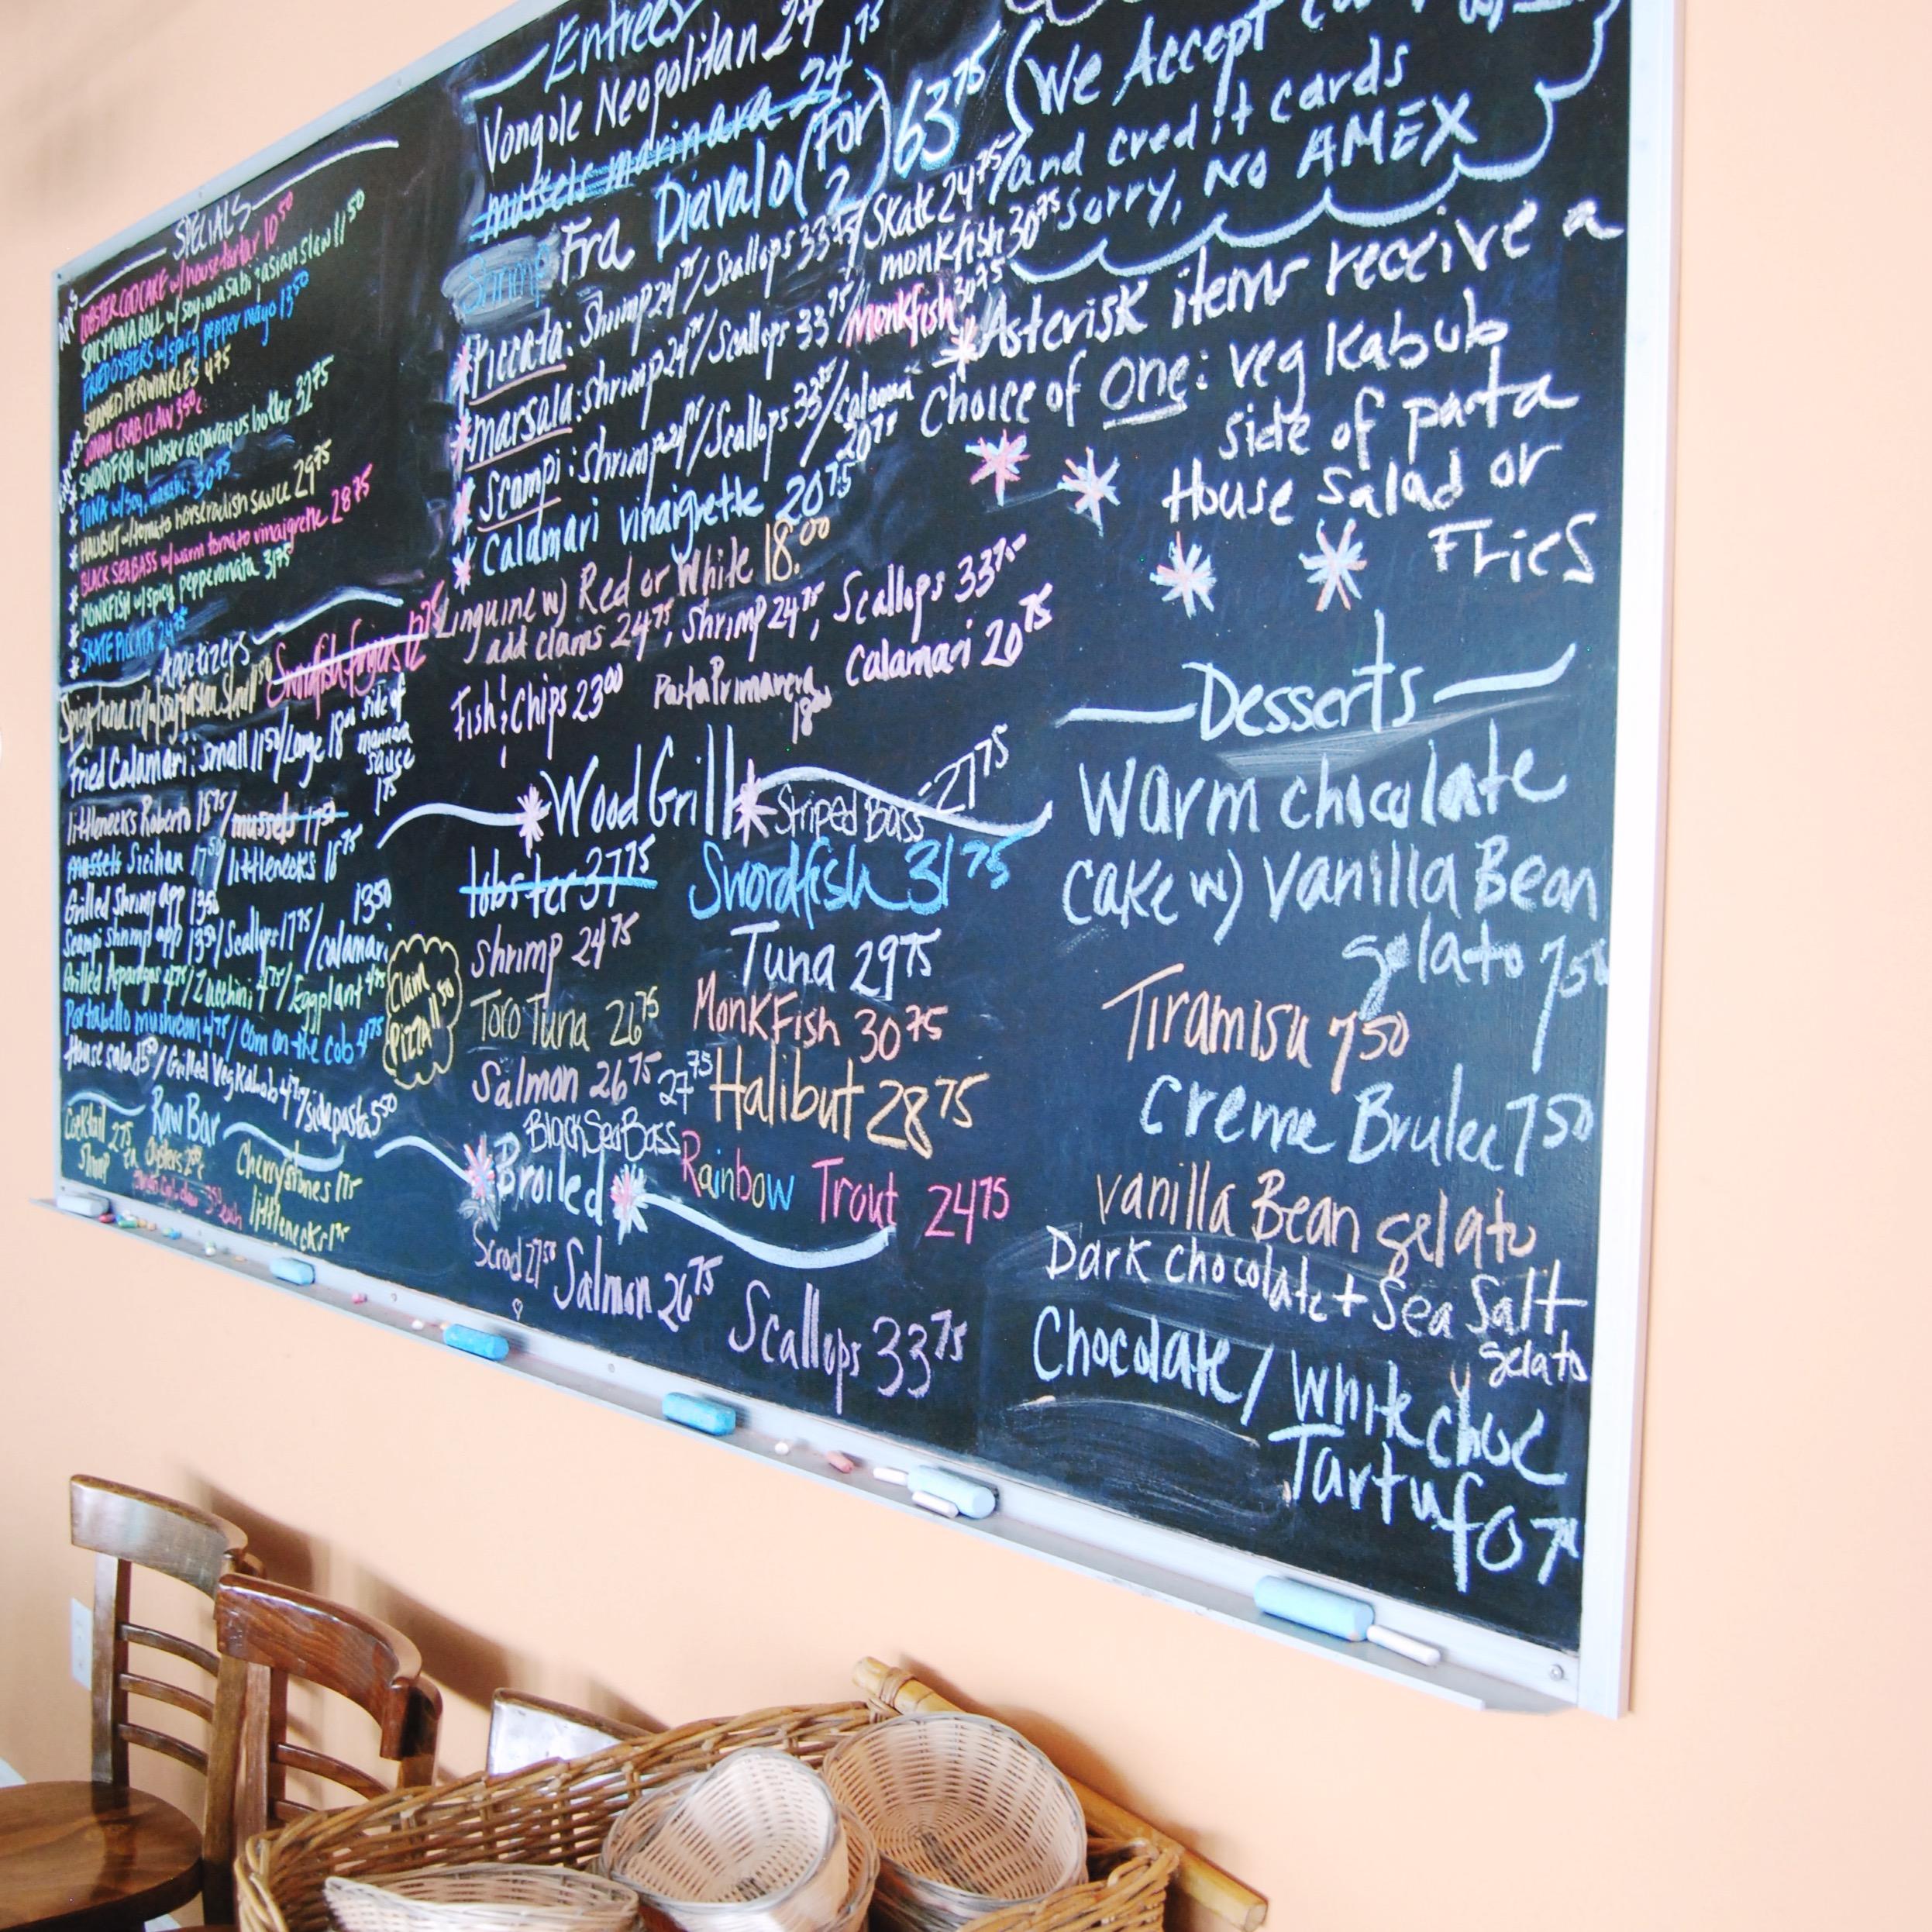 Scales-and-Shells-Chalkboard-Menu.jpg